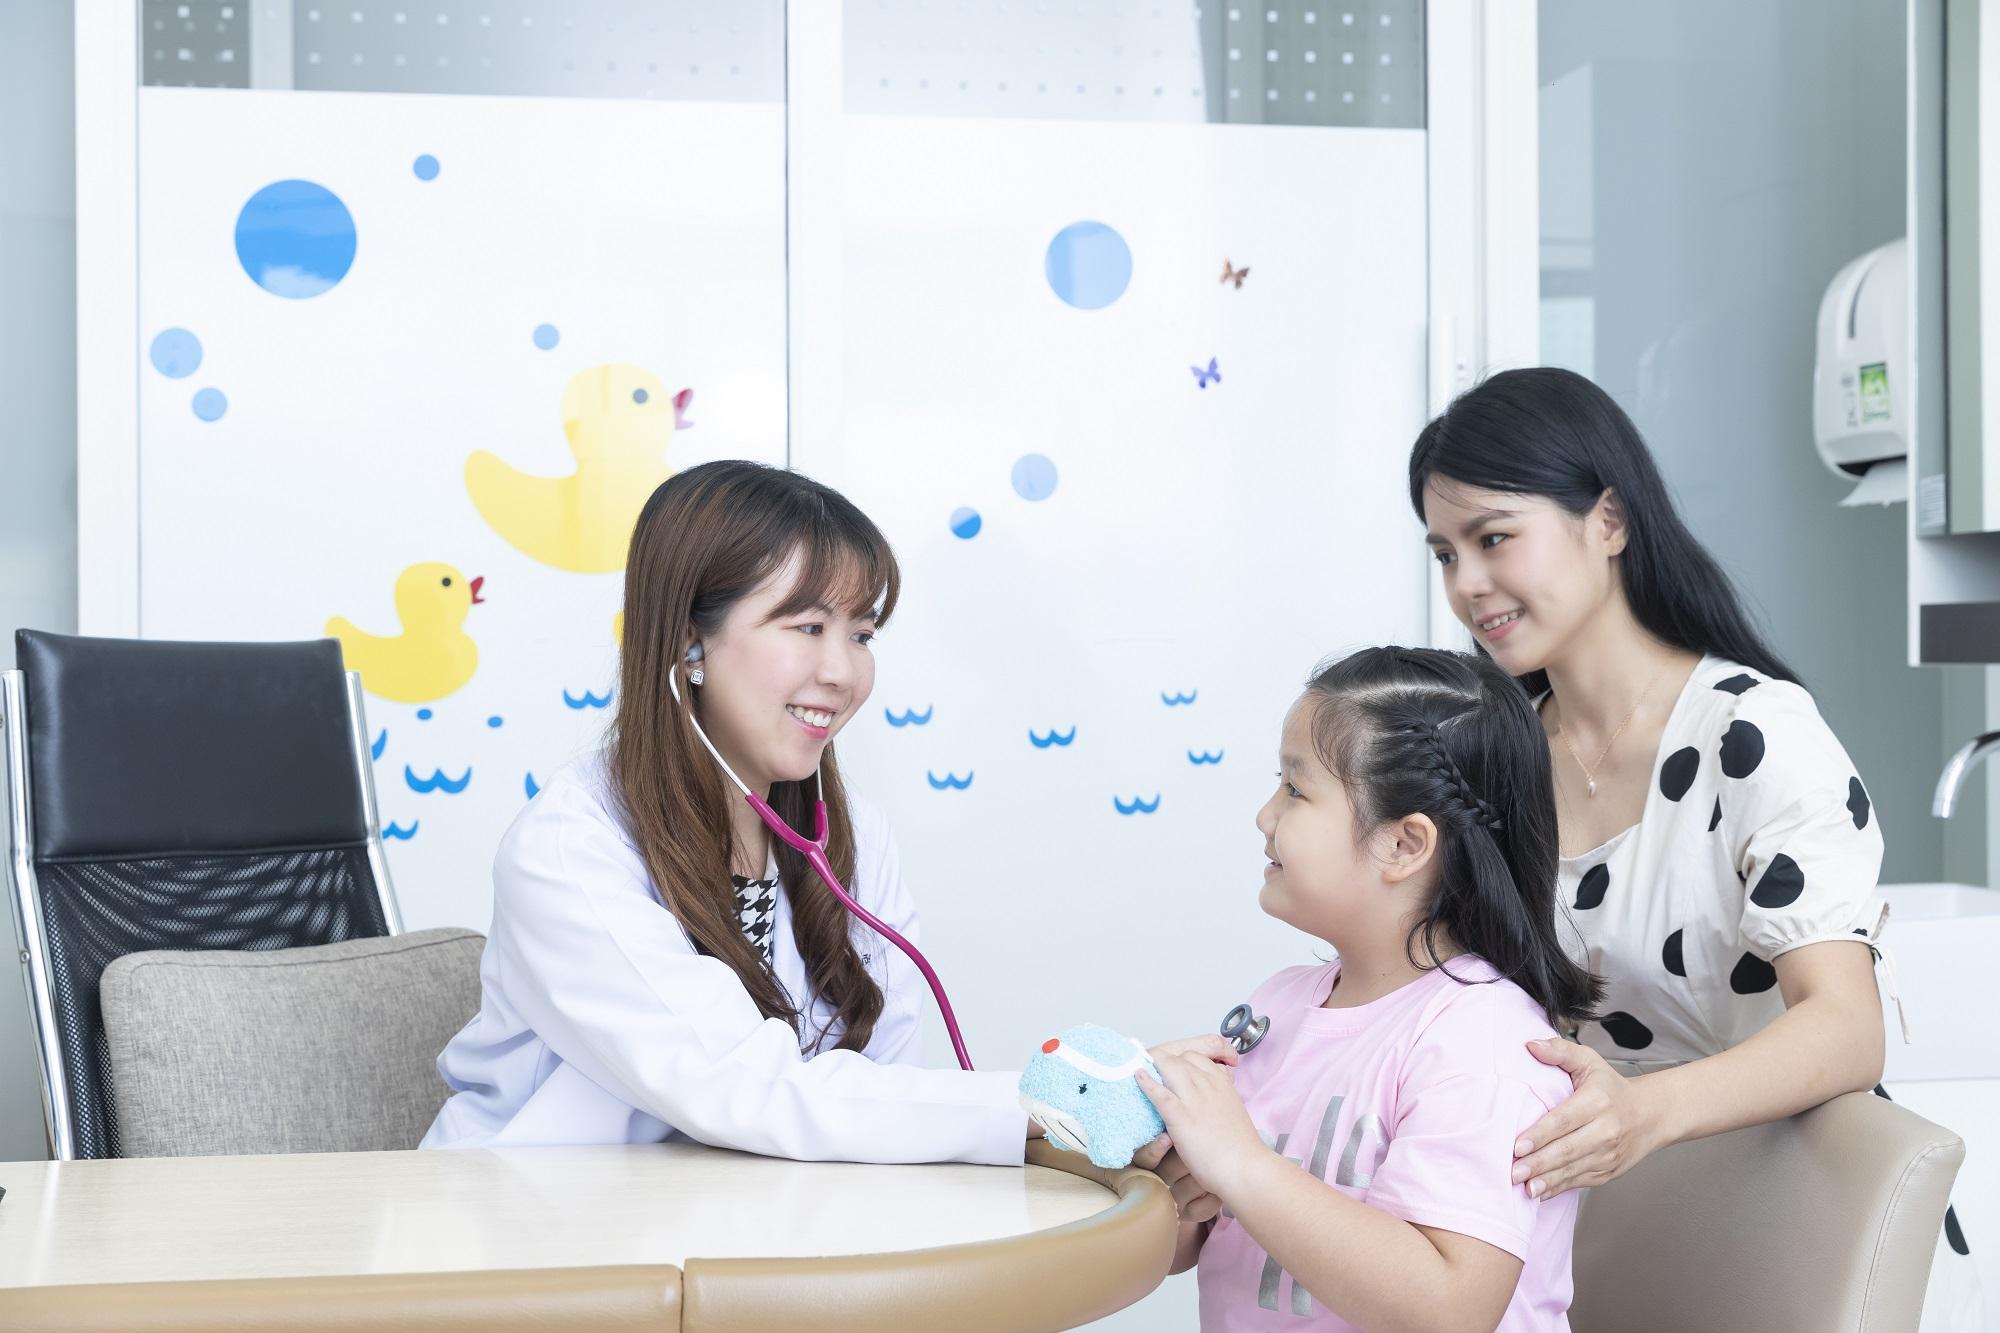 ศูนย์โรคภูมิแพ้ โรงพยาบาลศิริราช ปิยมหาราชการุณย์